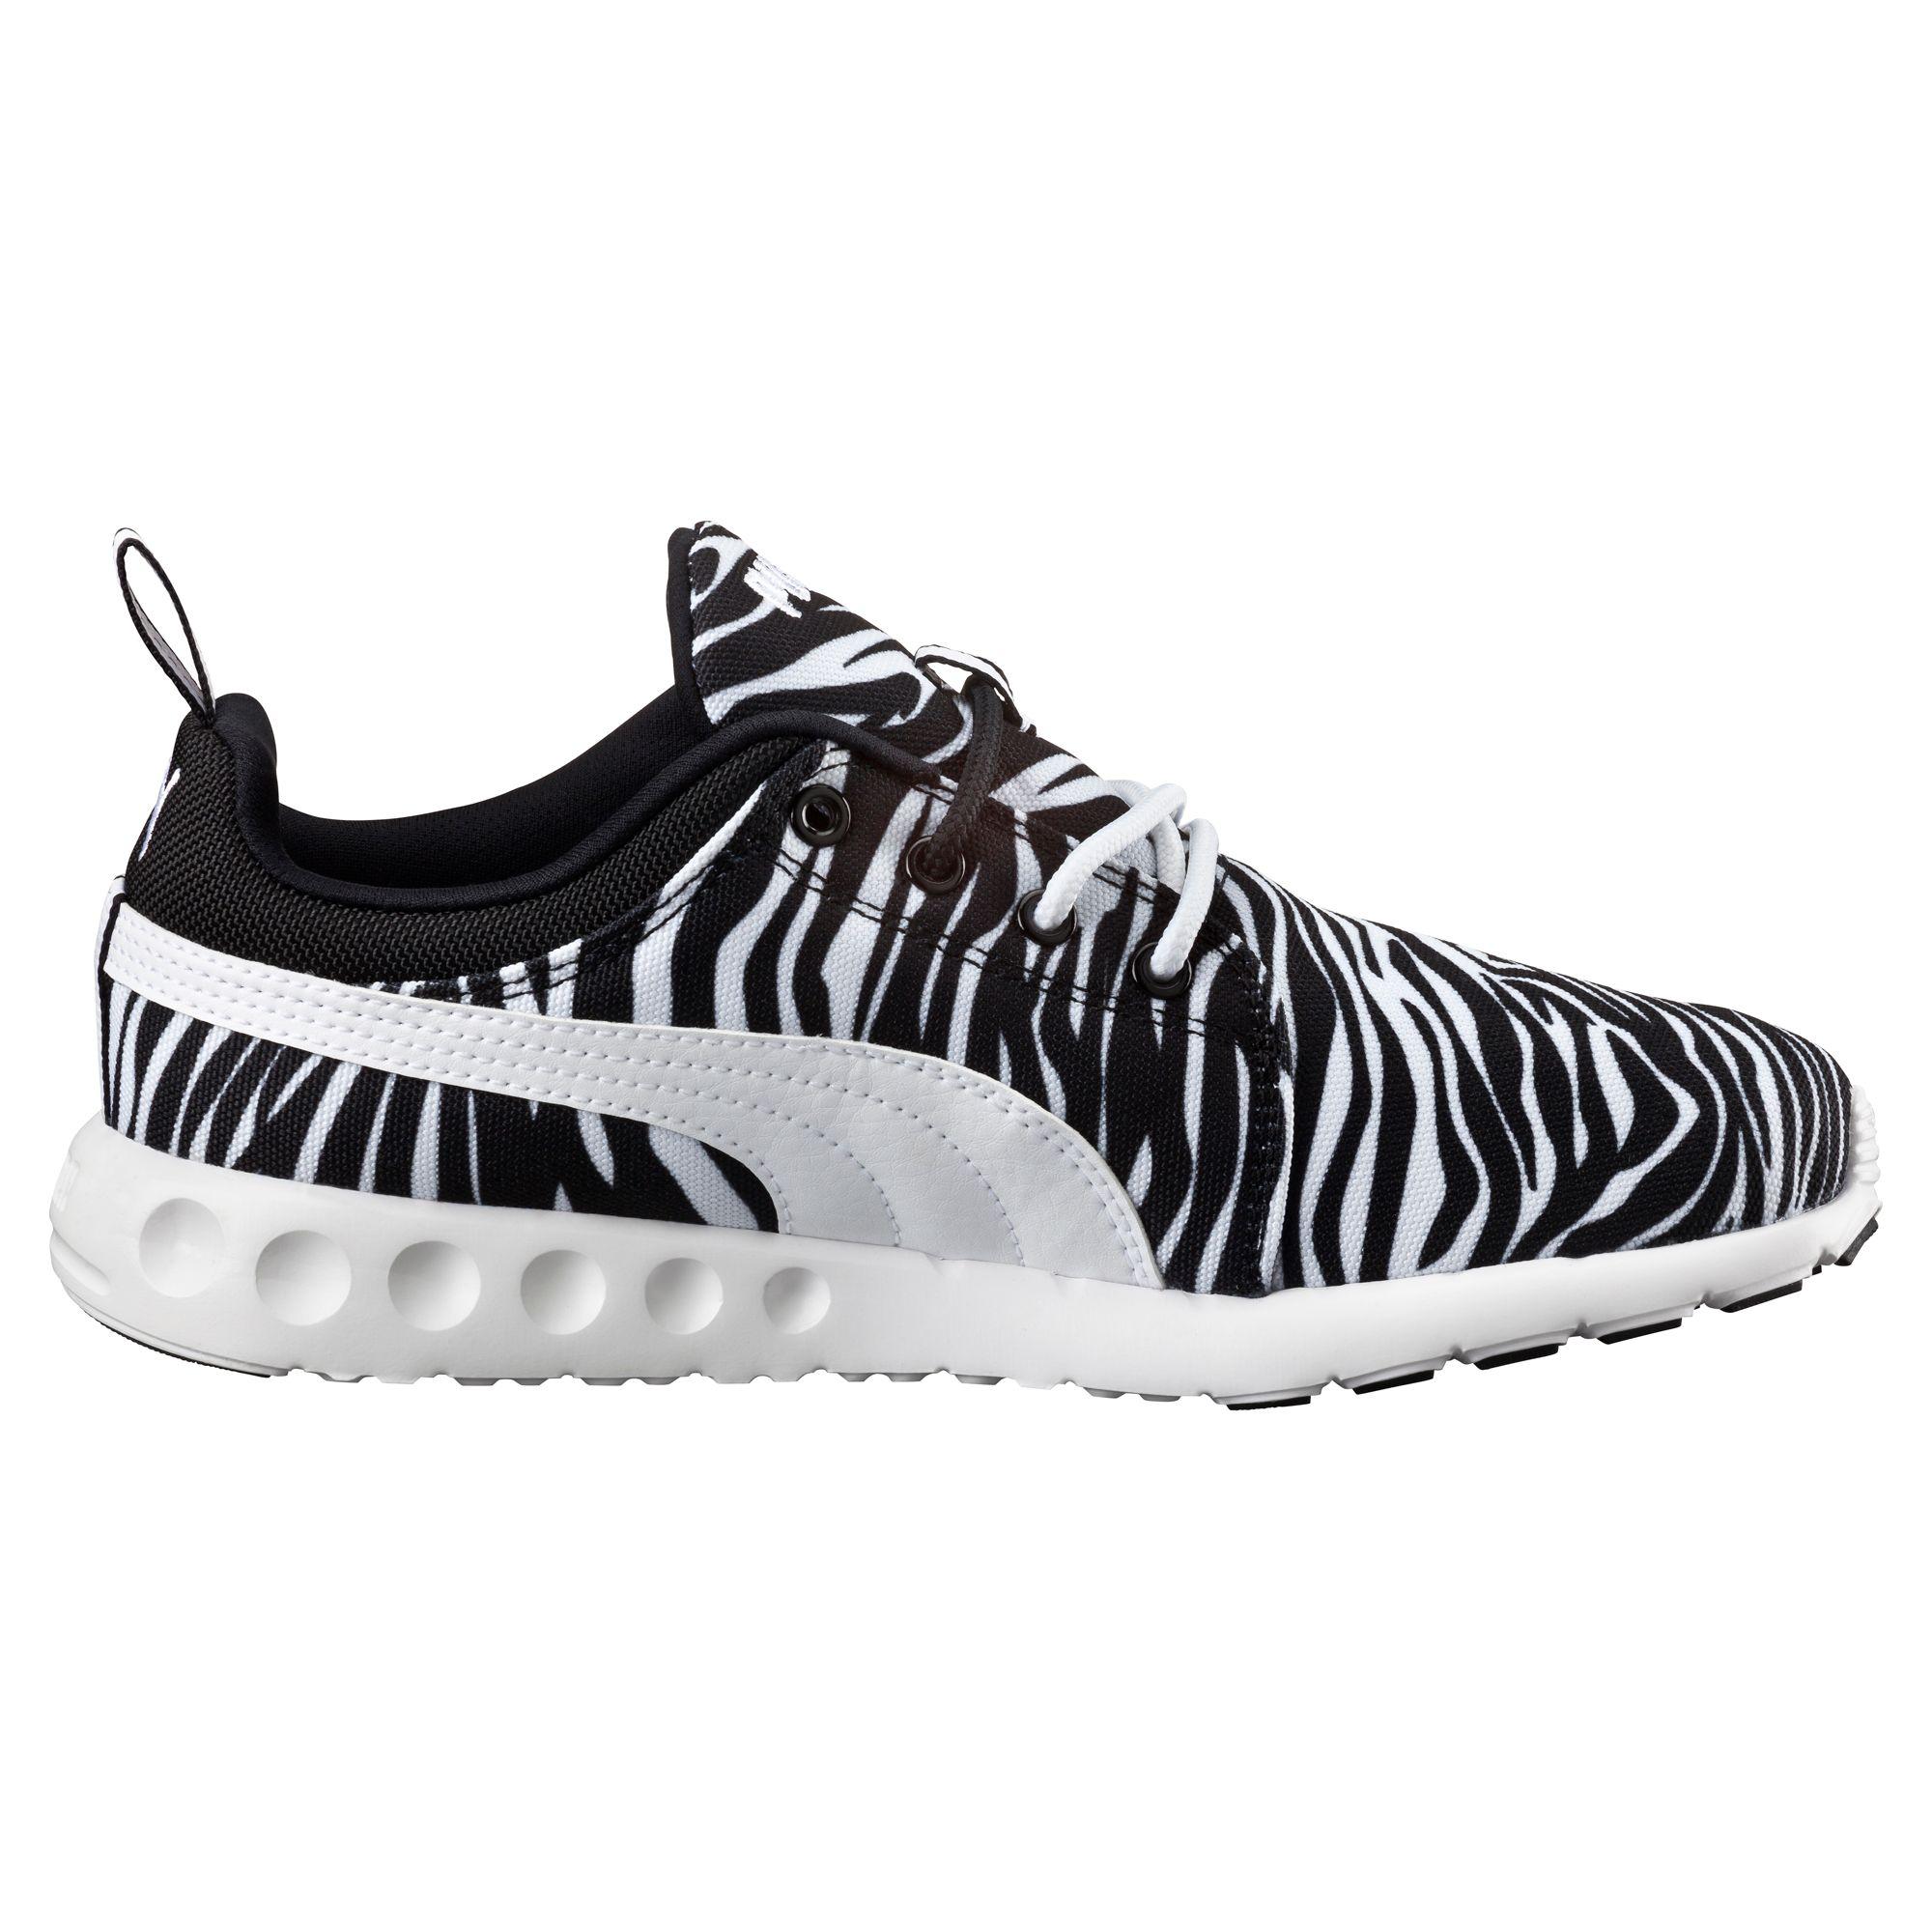 puma schuhe zebra